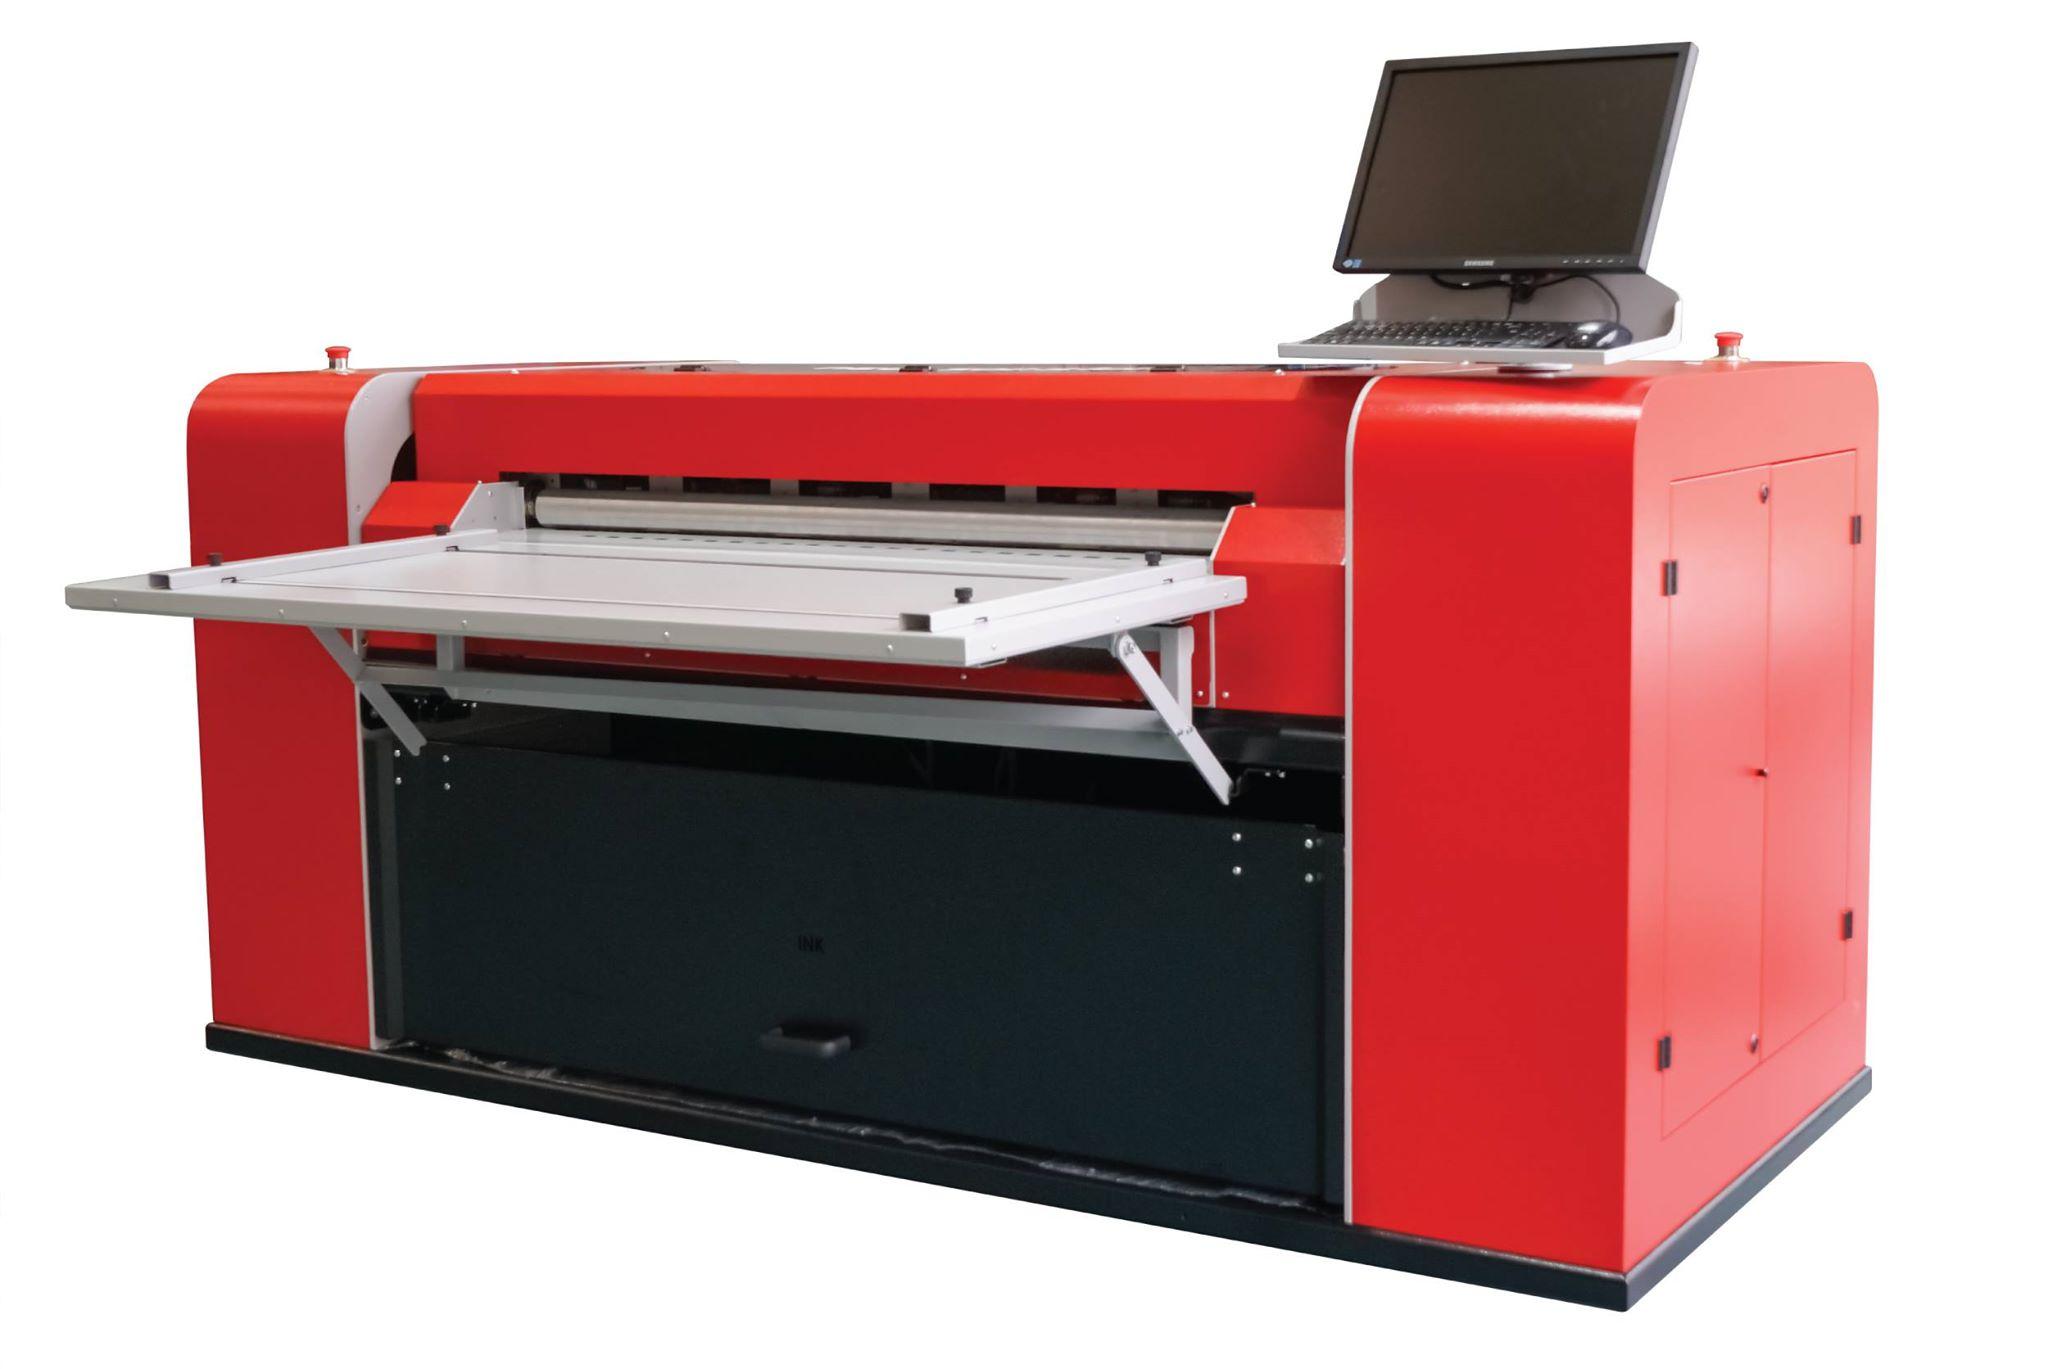 Машина за директен печат върху велпапе от Графтек ООД